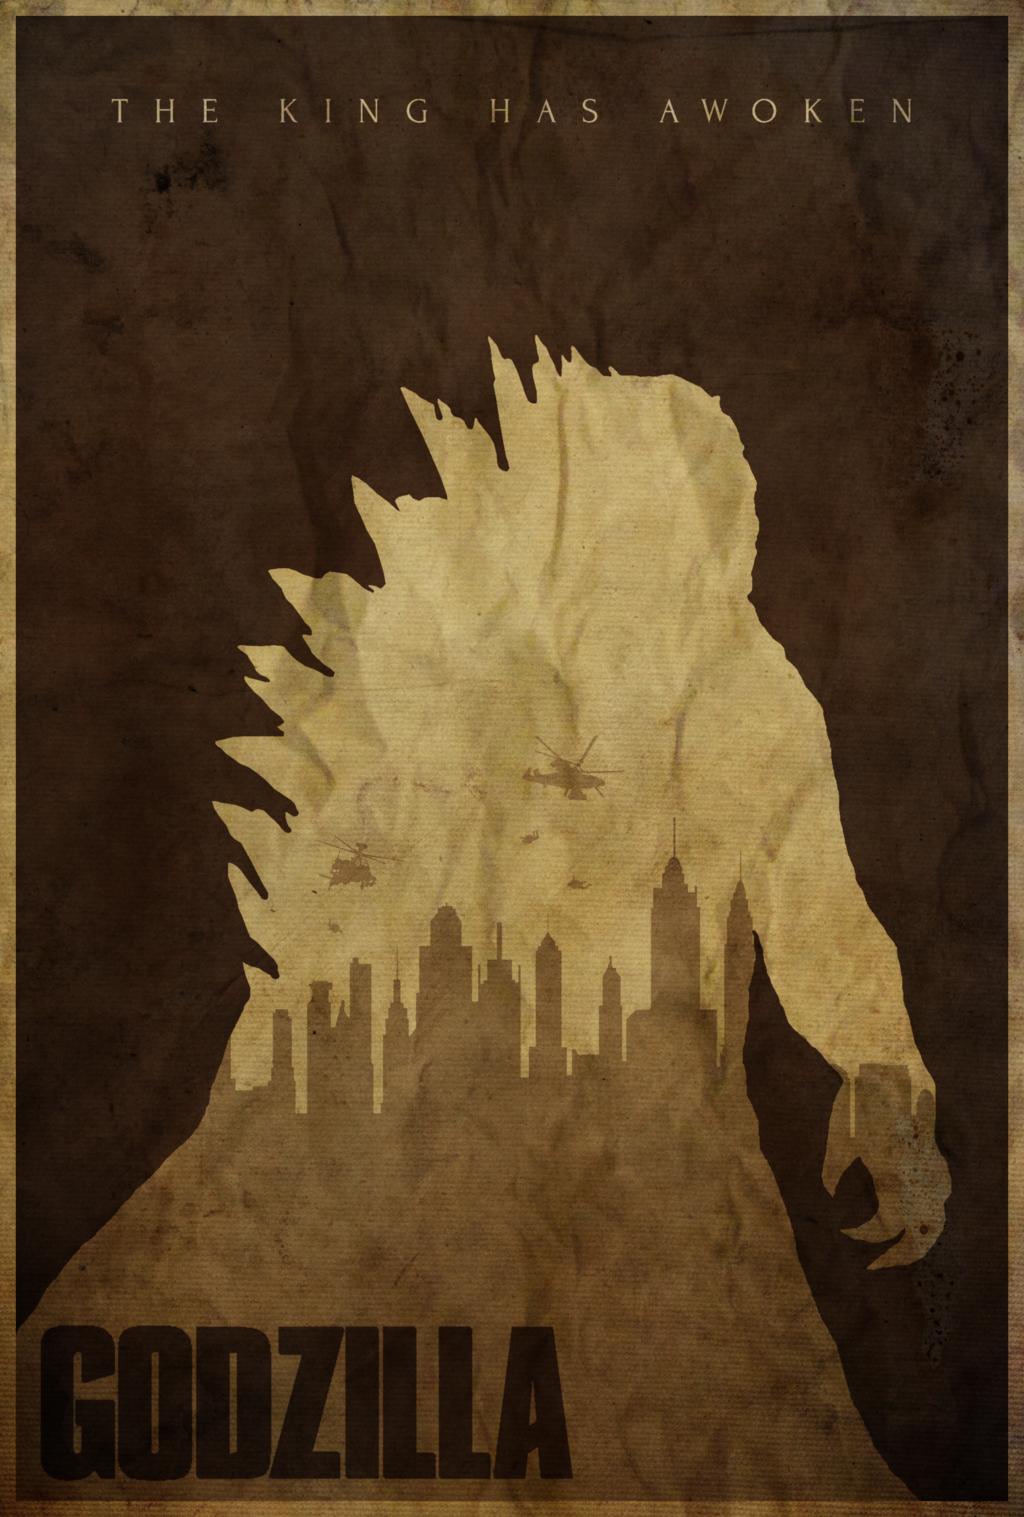 He S Coming Godzilla 2014 Poster By Edwin Julian Moran Ii Godzilla Godzilla 2014 Godzilla Wallpaper